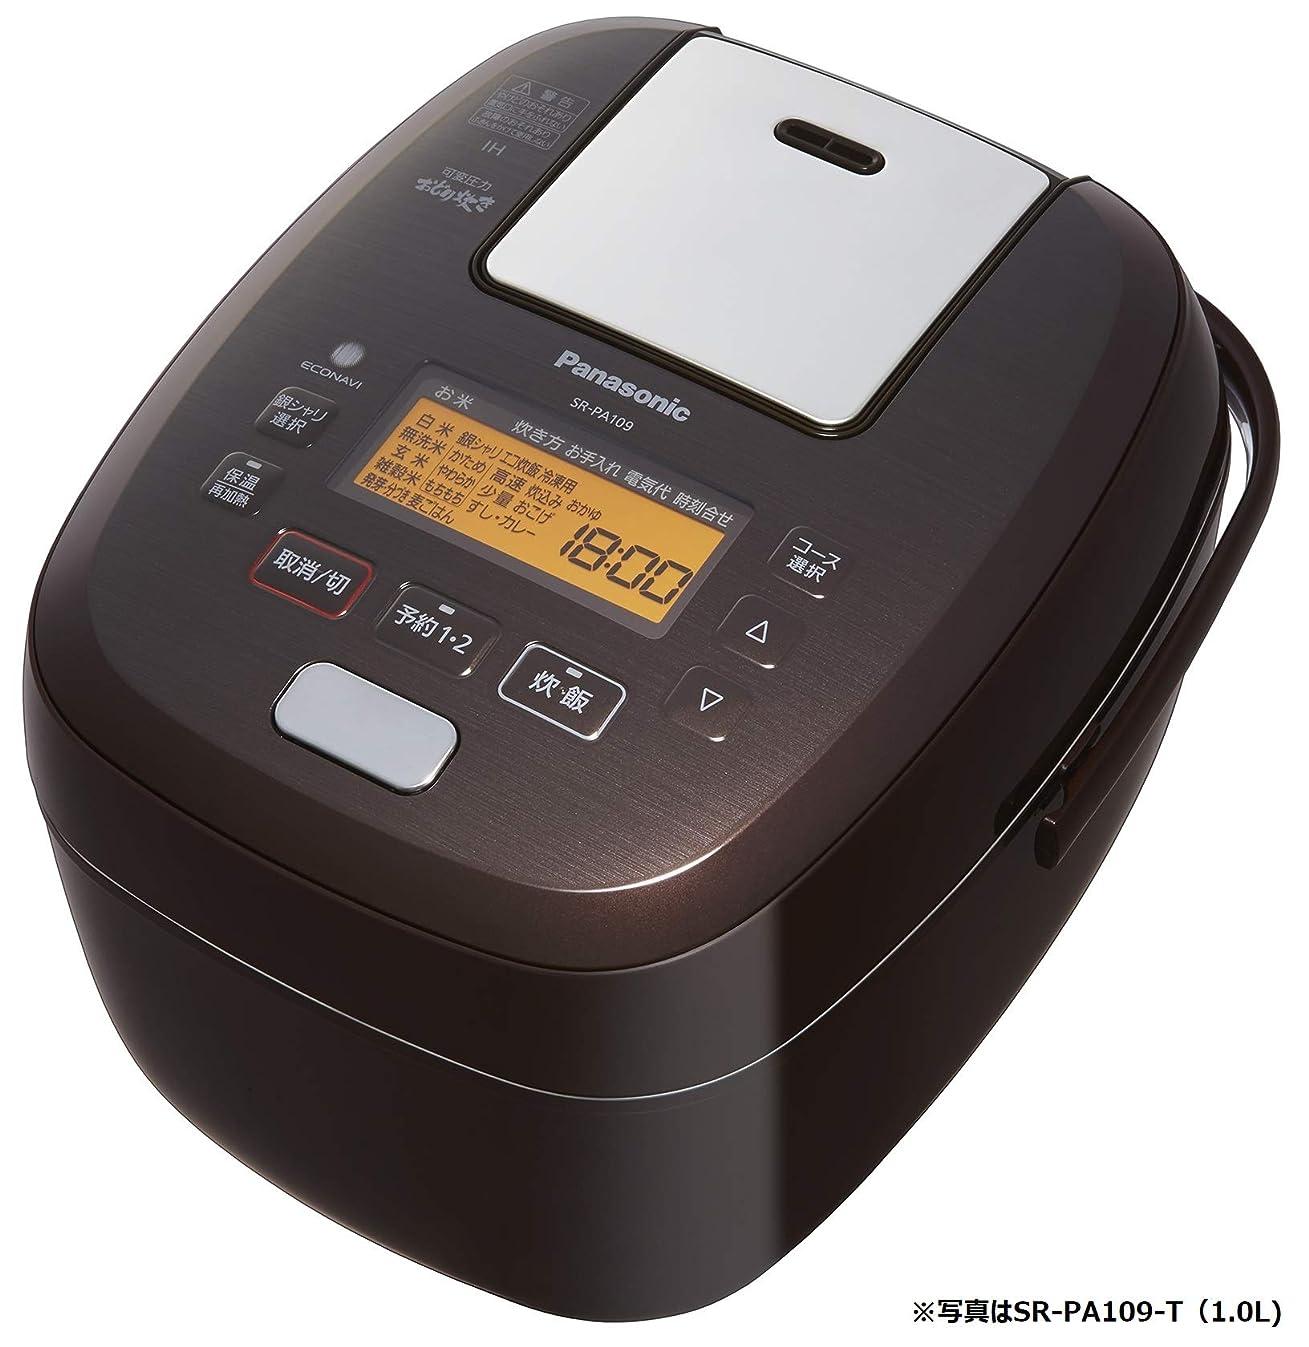 要件キモい代わりにパナソニック 1升 炊飯器 圧力IH式 おどり炊き ブラウン SR-PA189-T